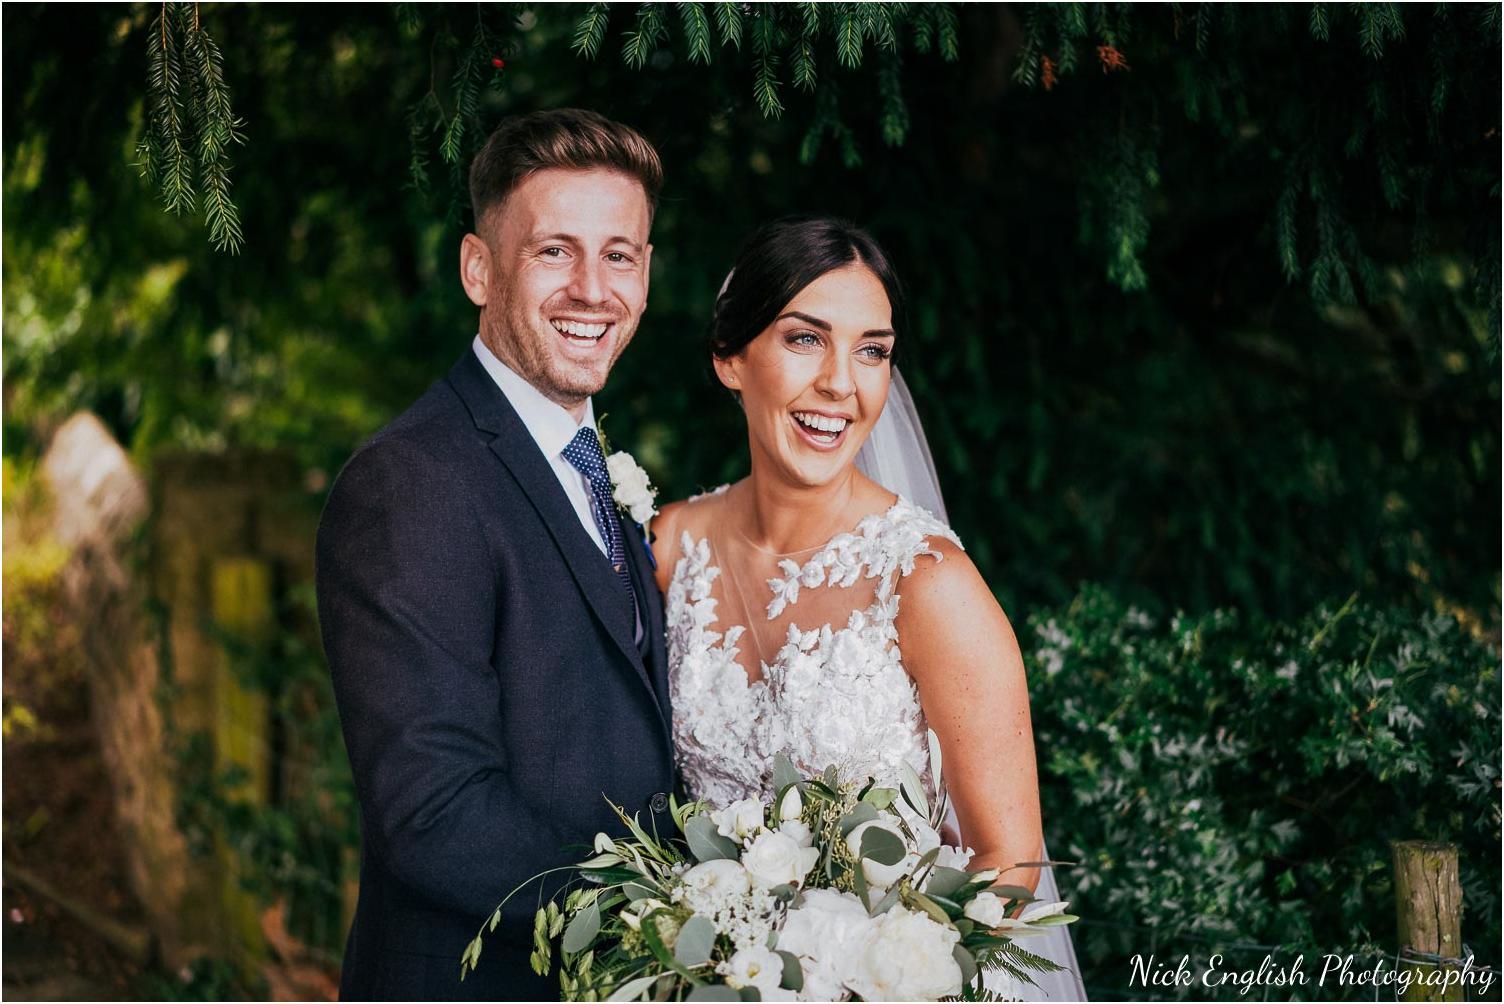 Browsholme_Hall_Barn_Wedding_Nick_English_Photography-64.jpg